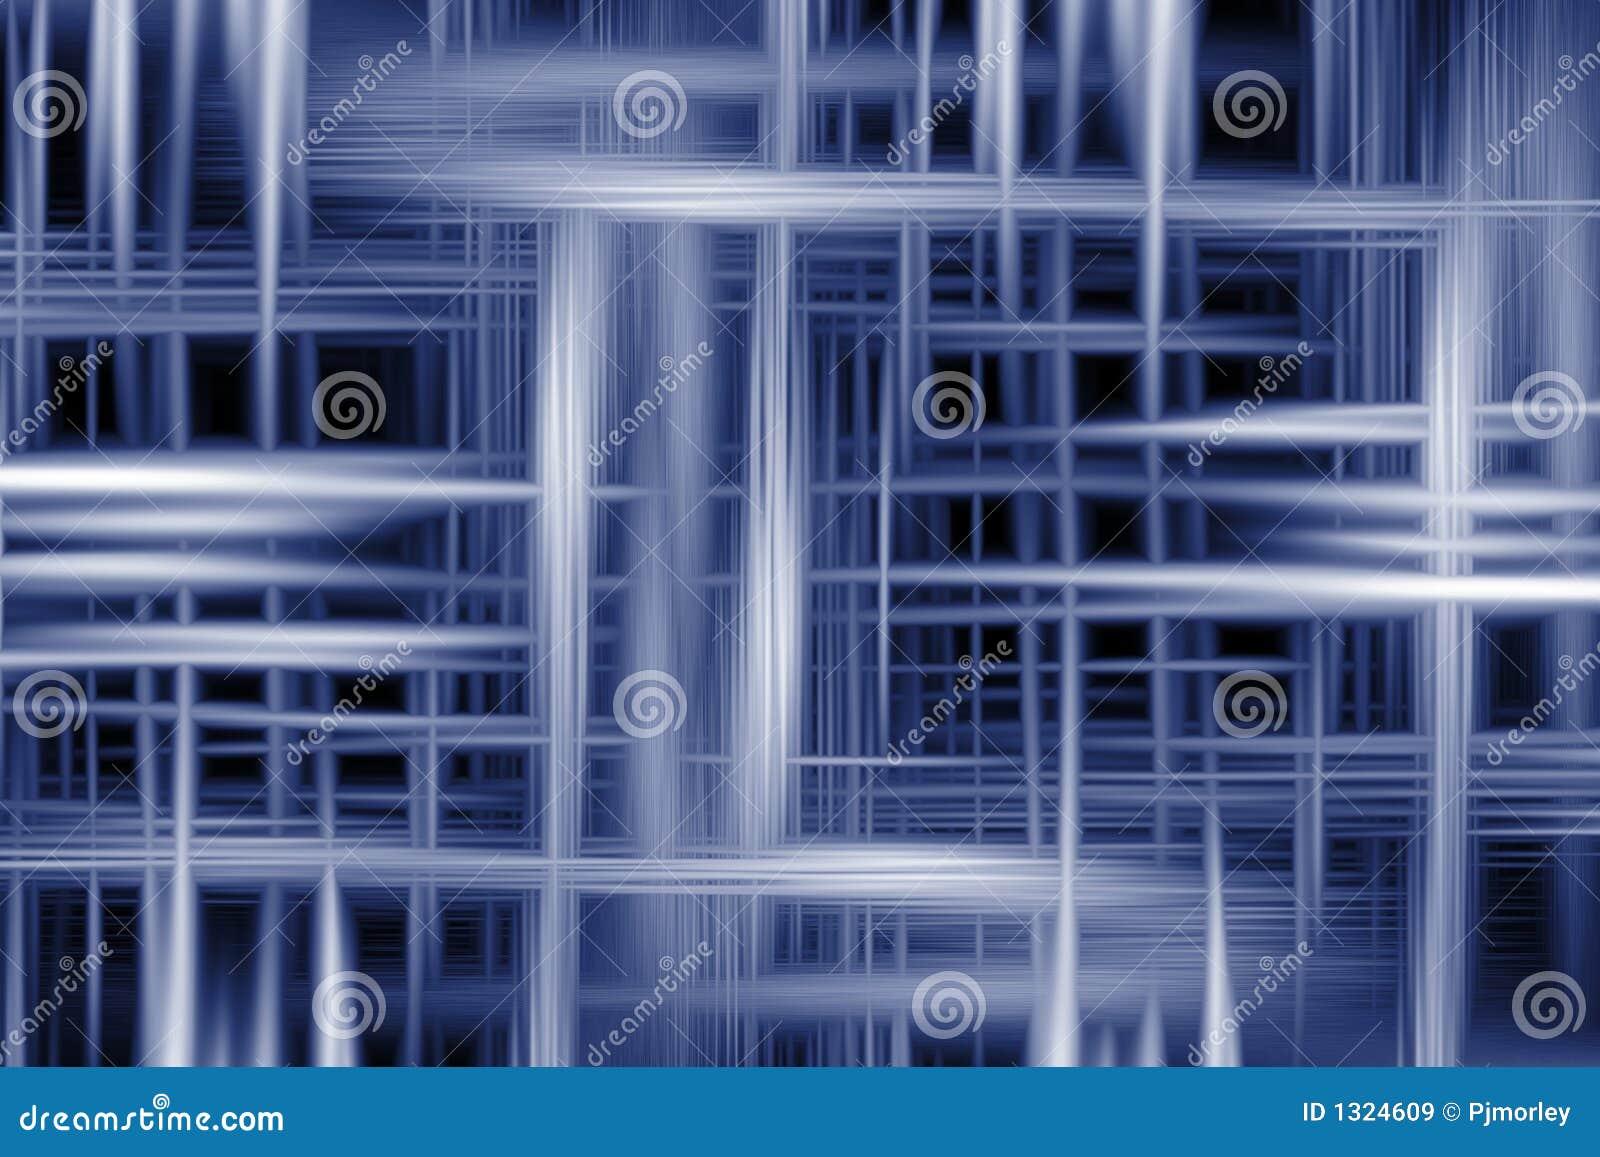 Linhas abstratas